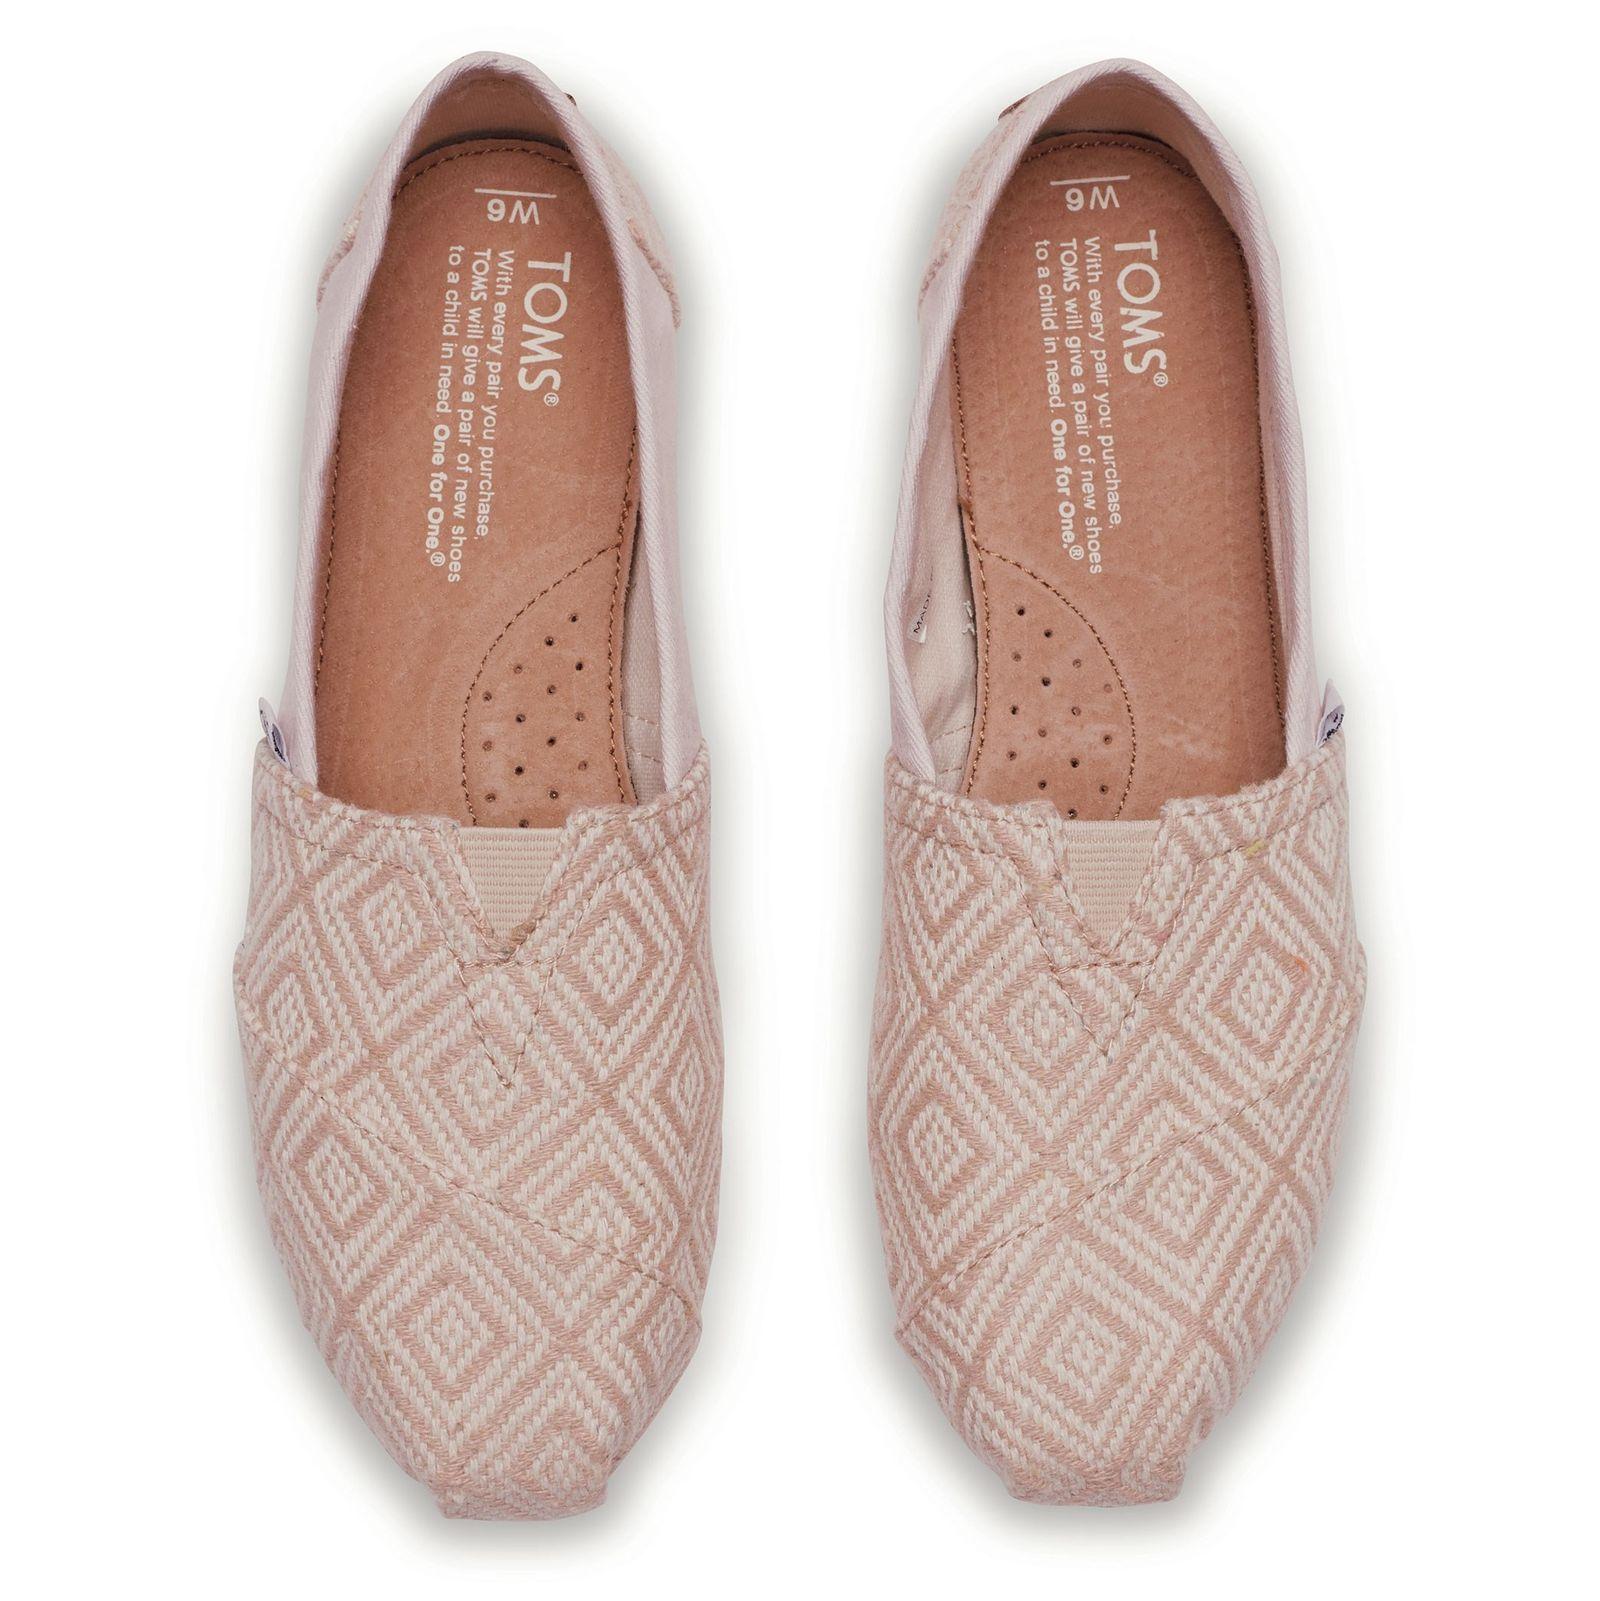 کفش تخت نخی زنانه - تامز - کرم روشن بافت دار - 2